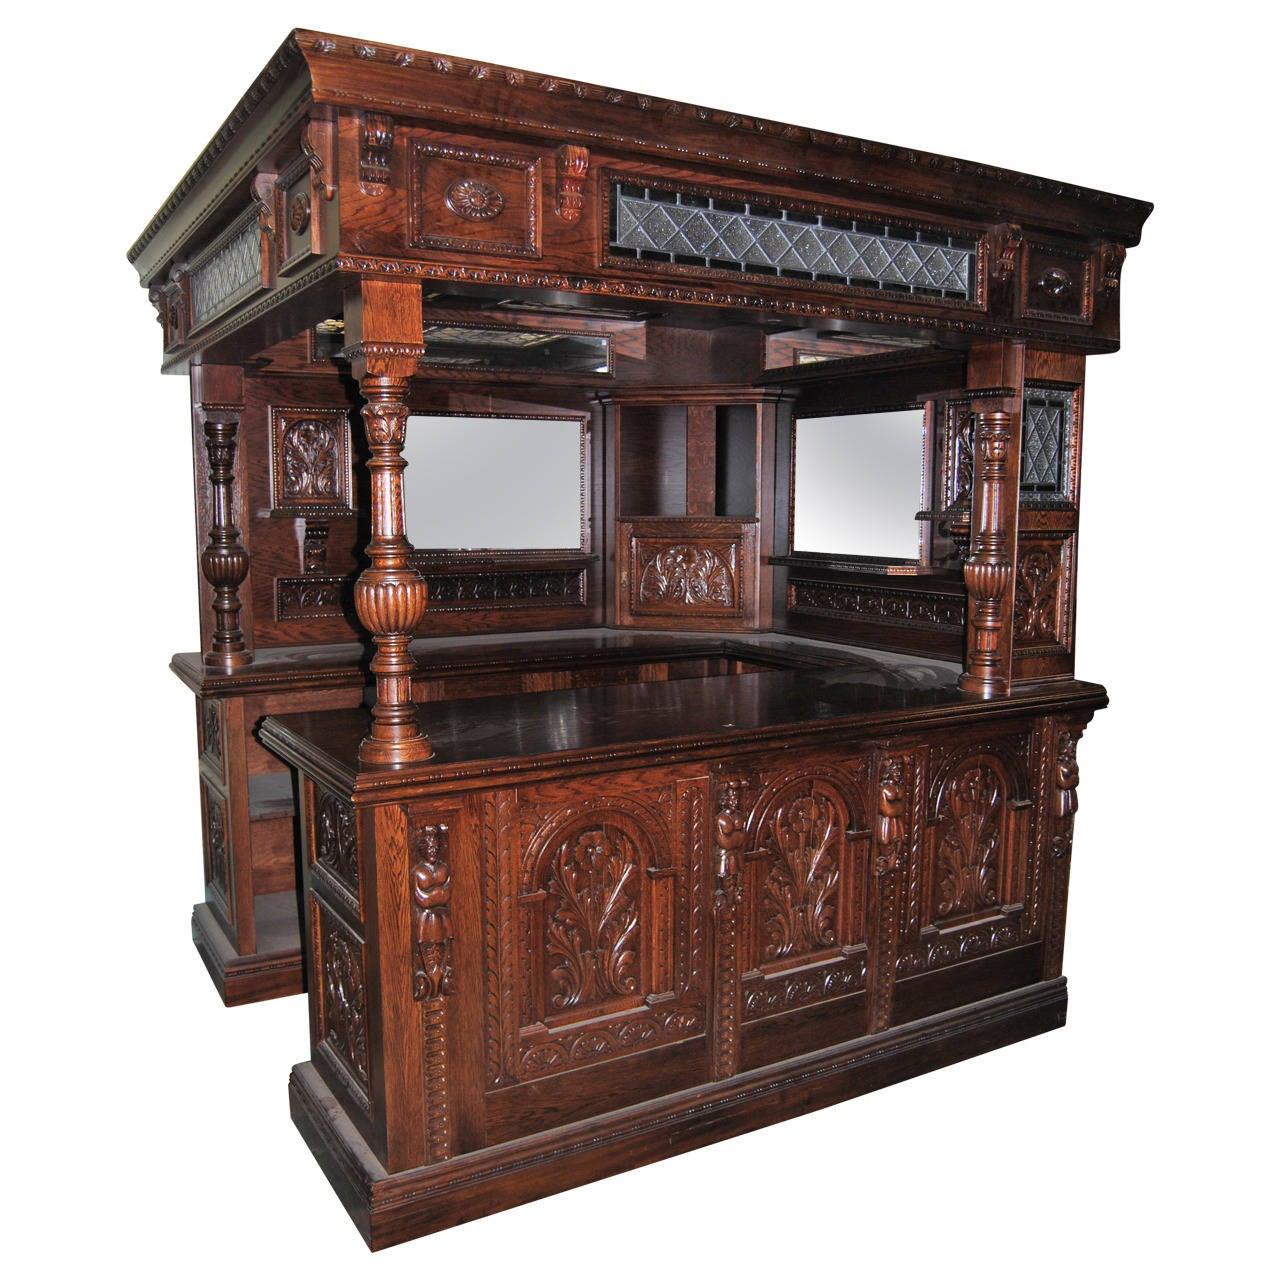 Bar Sets For Sale: English Oak Carved Corner Bar For Sale At 1stdibs